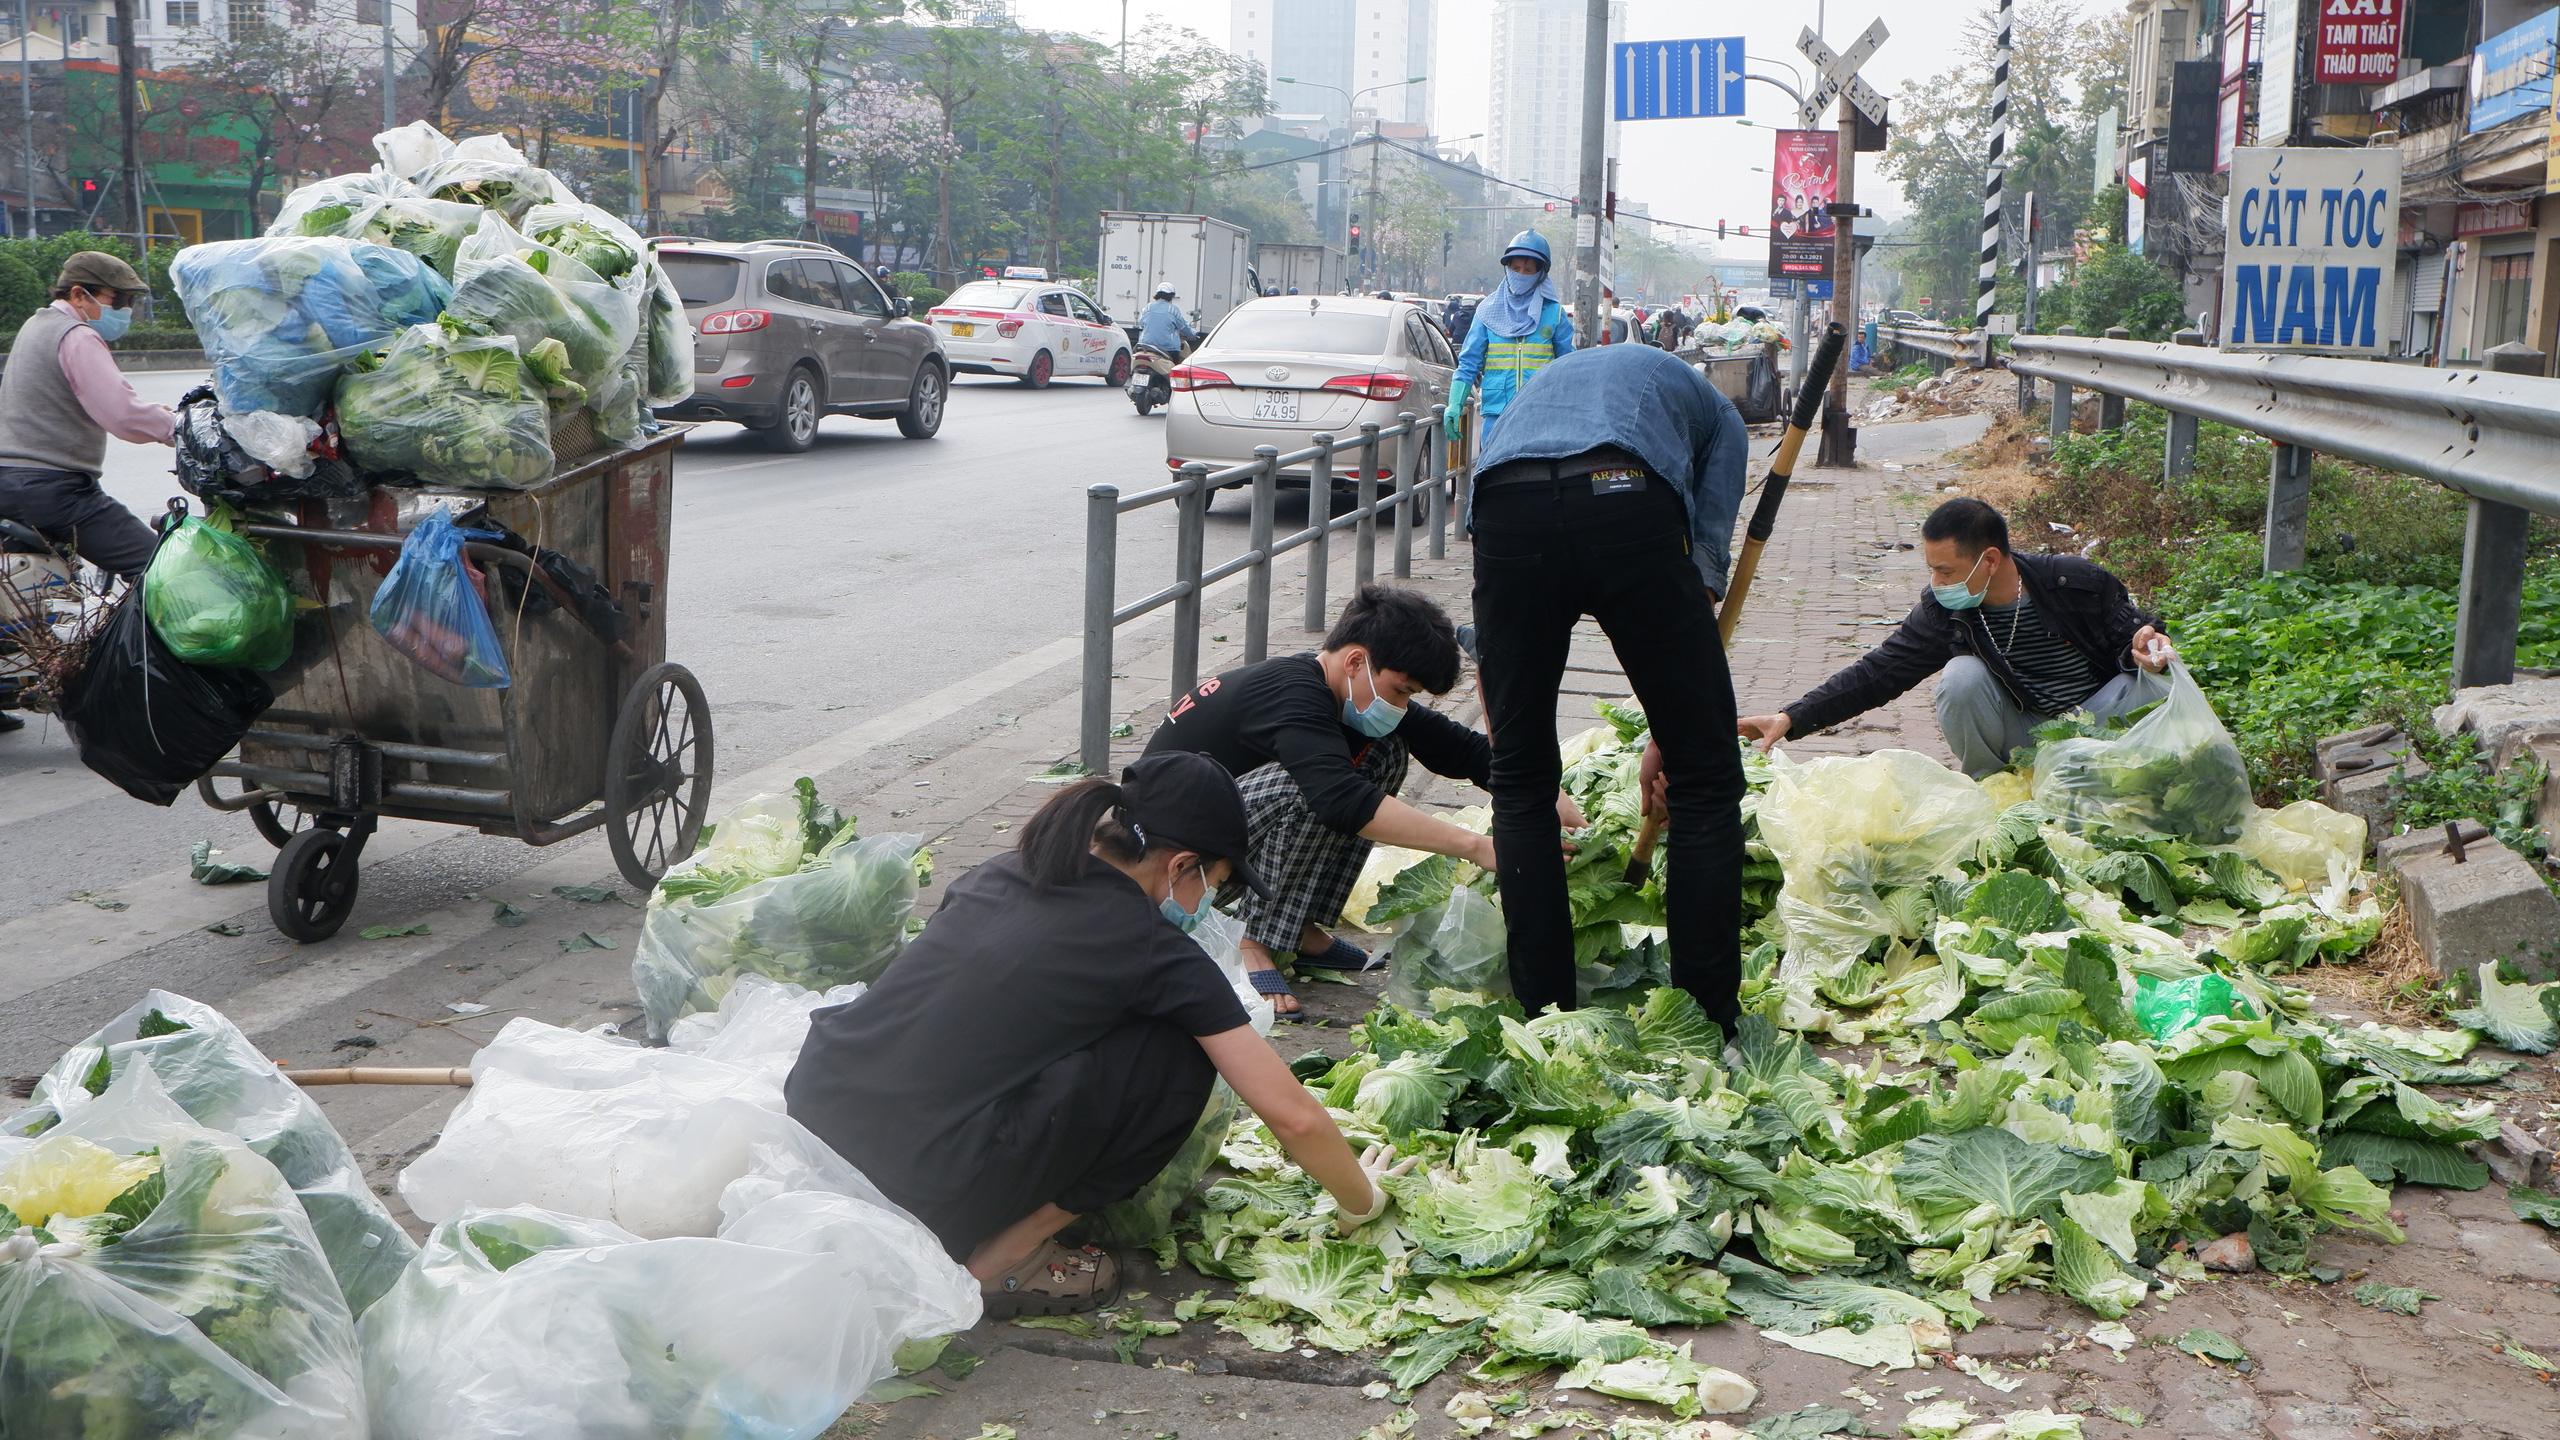 Chủ doanh nghiệp mĩ phẩm giải cứu 60 tấn nông sản Hải Dương chỉ trong một đêm - Ảnh 10.